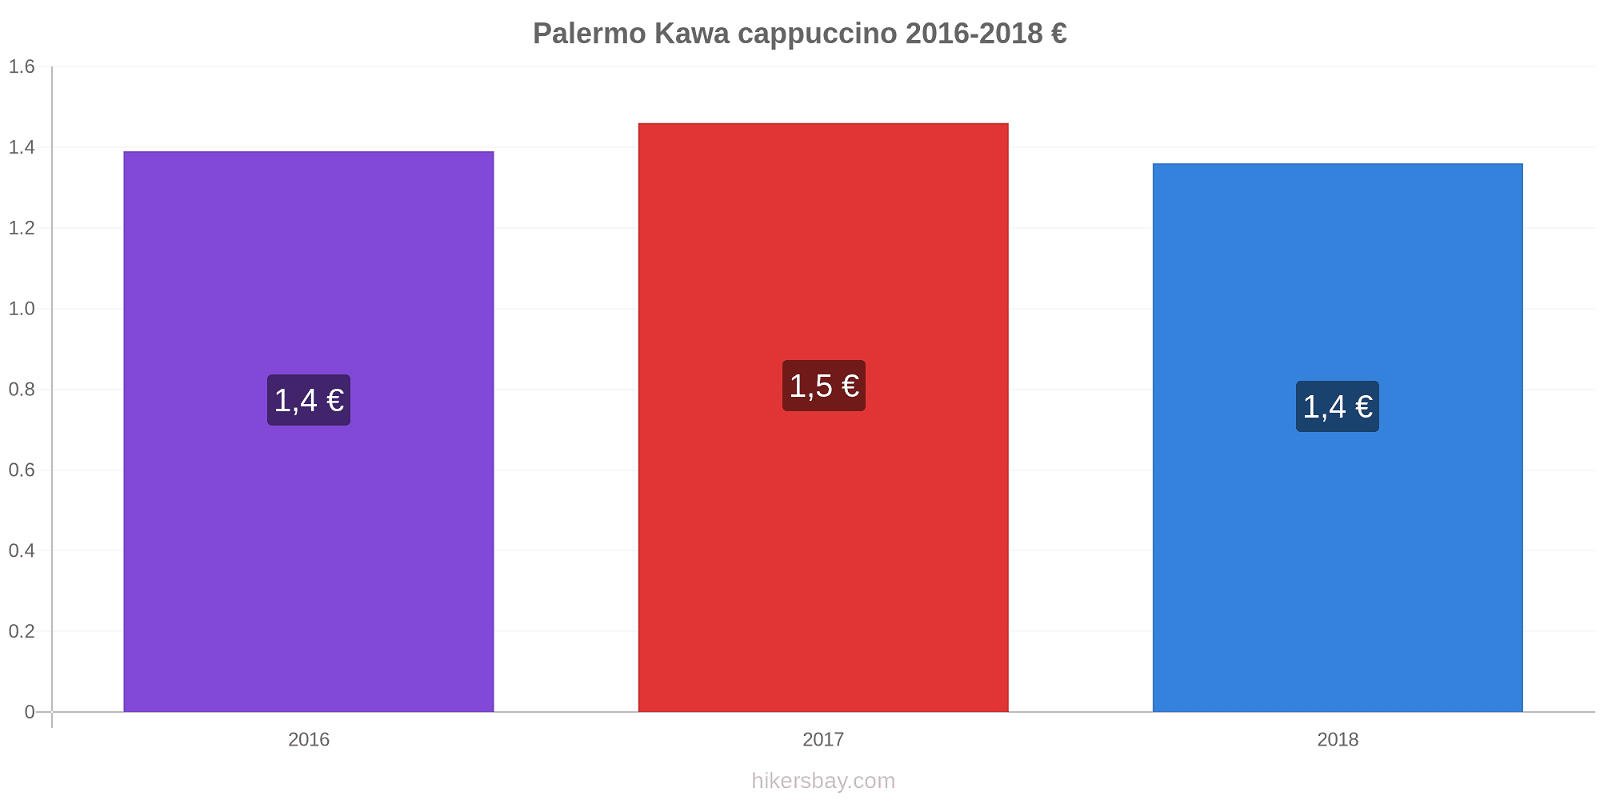 Palermo zmiany cen Kawa cappuccino hikersbay.com